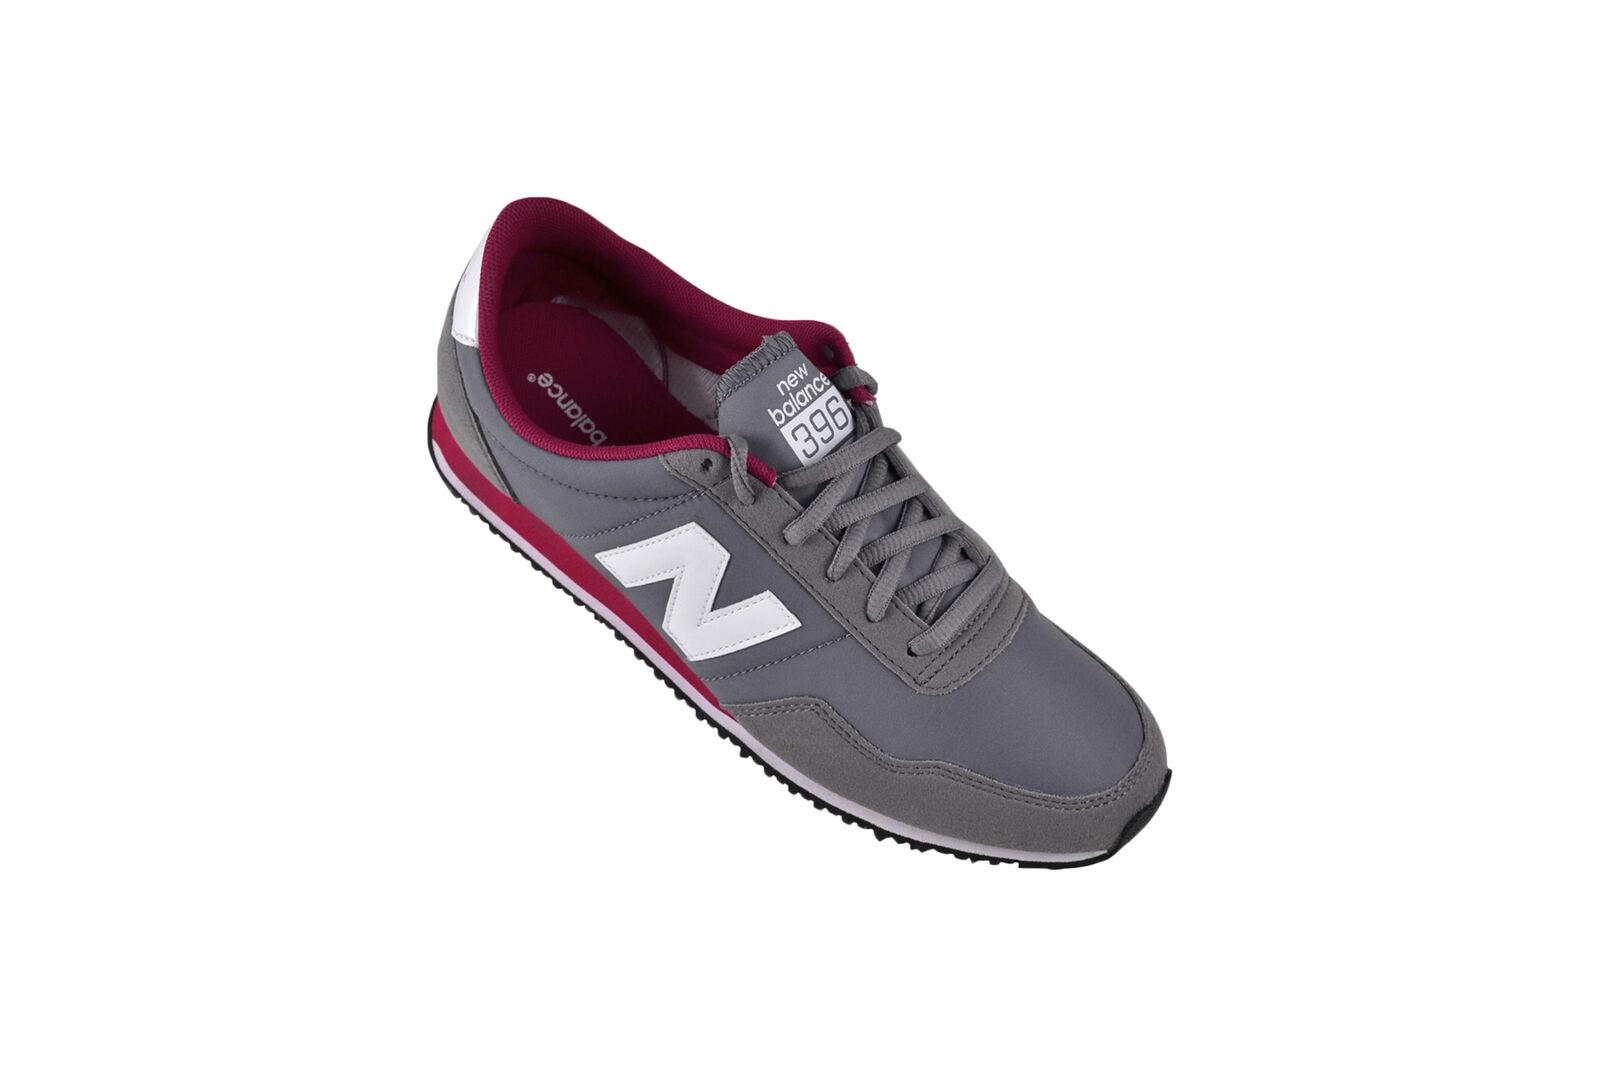 New MGP Balance U396 MGP New grey/pink Sneaker/Schuhe grau U396MGP c7d0c8